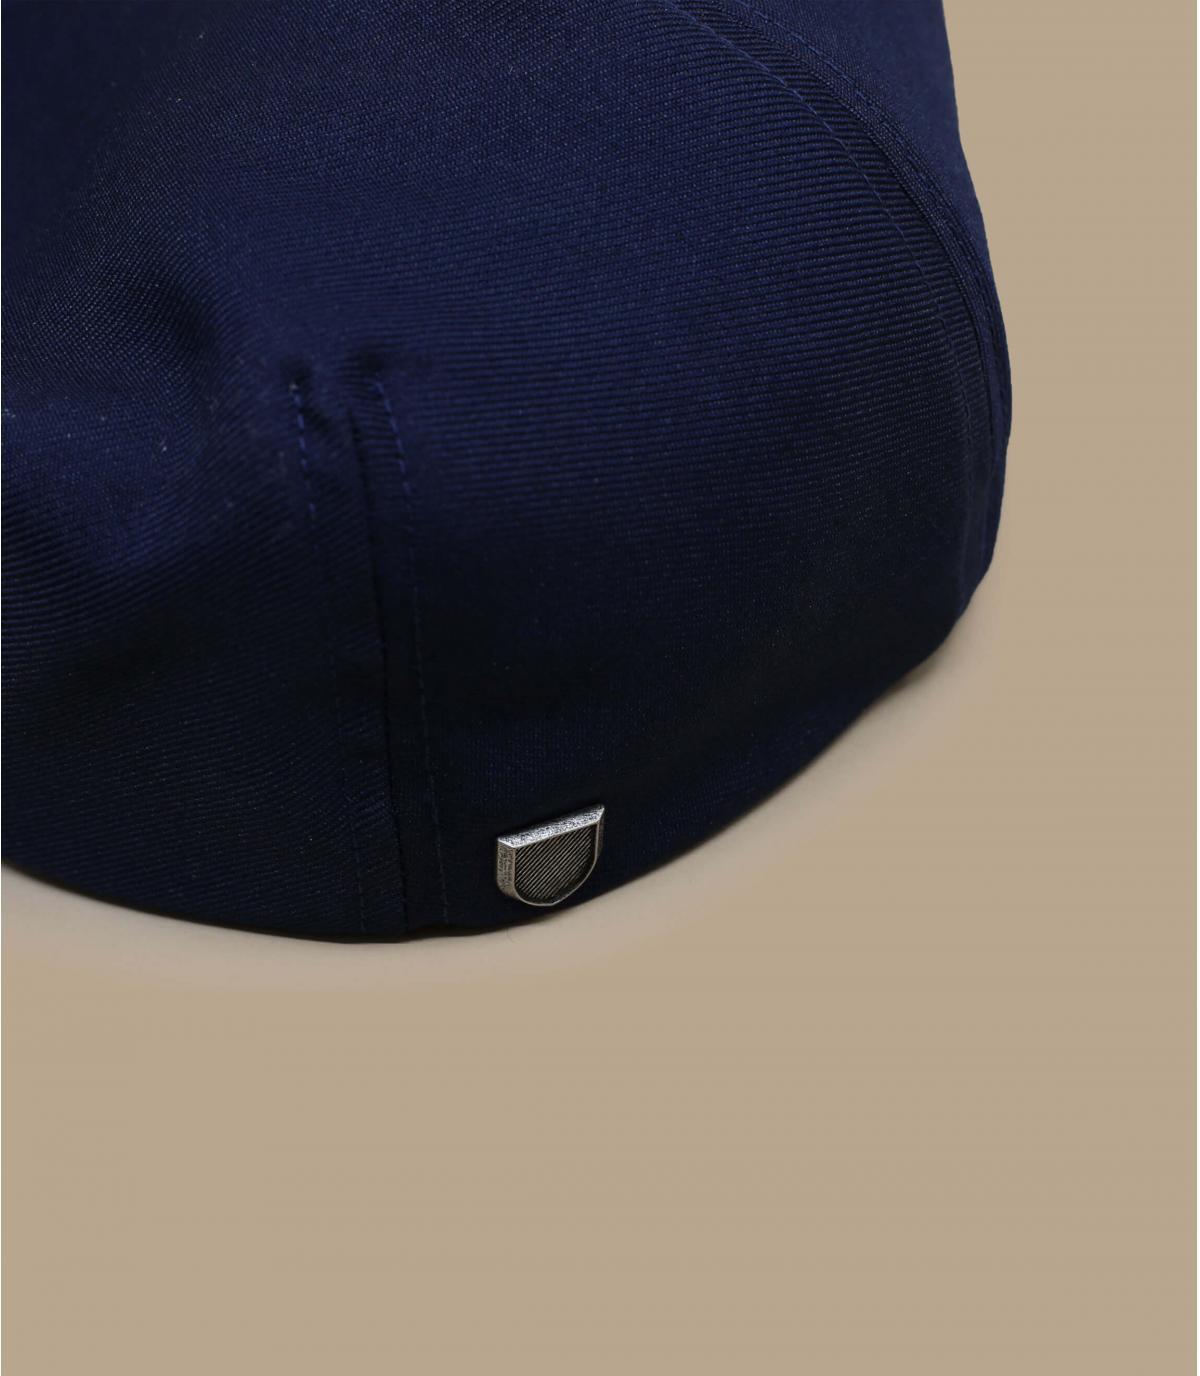 Schiebermütze marineblau Brixton